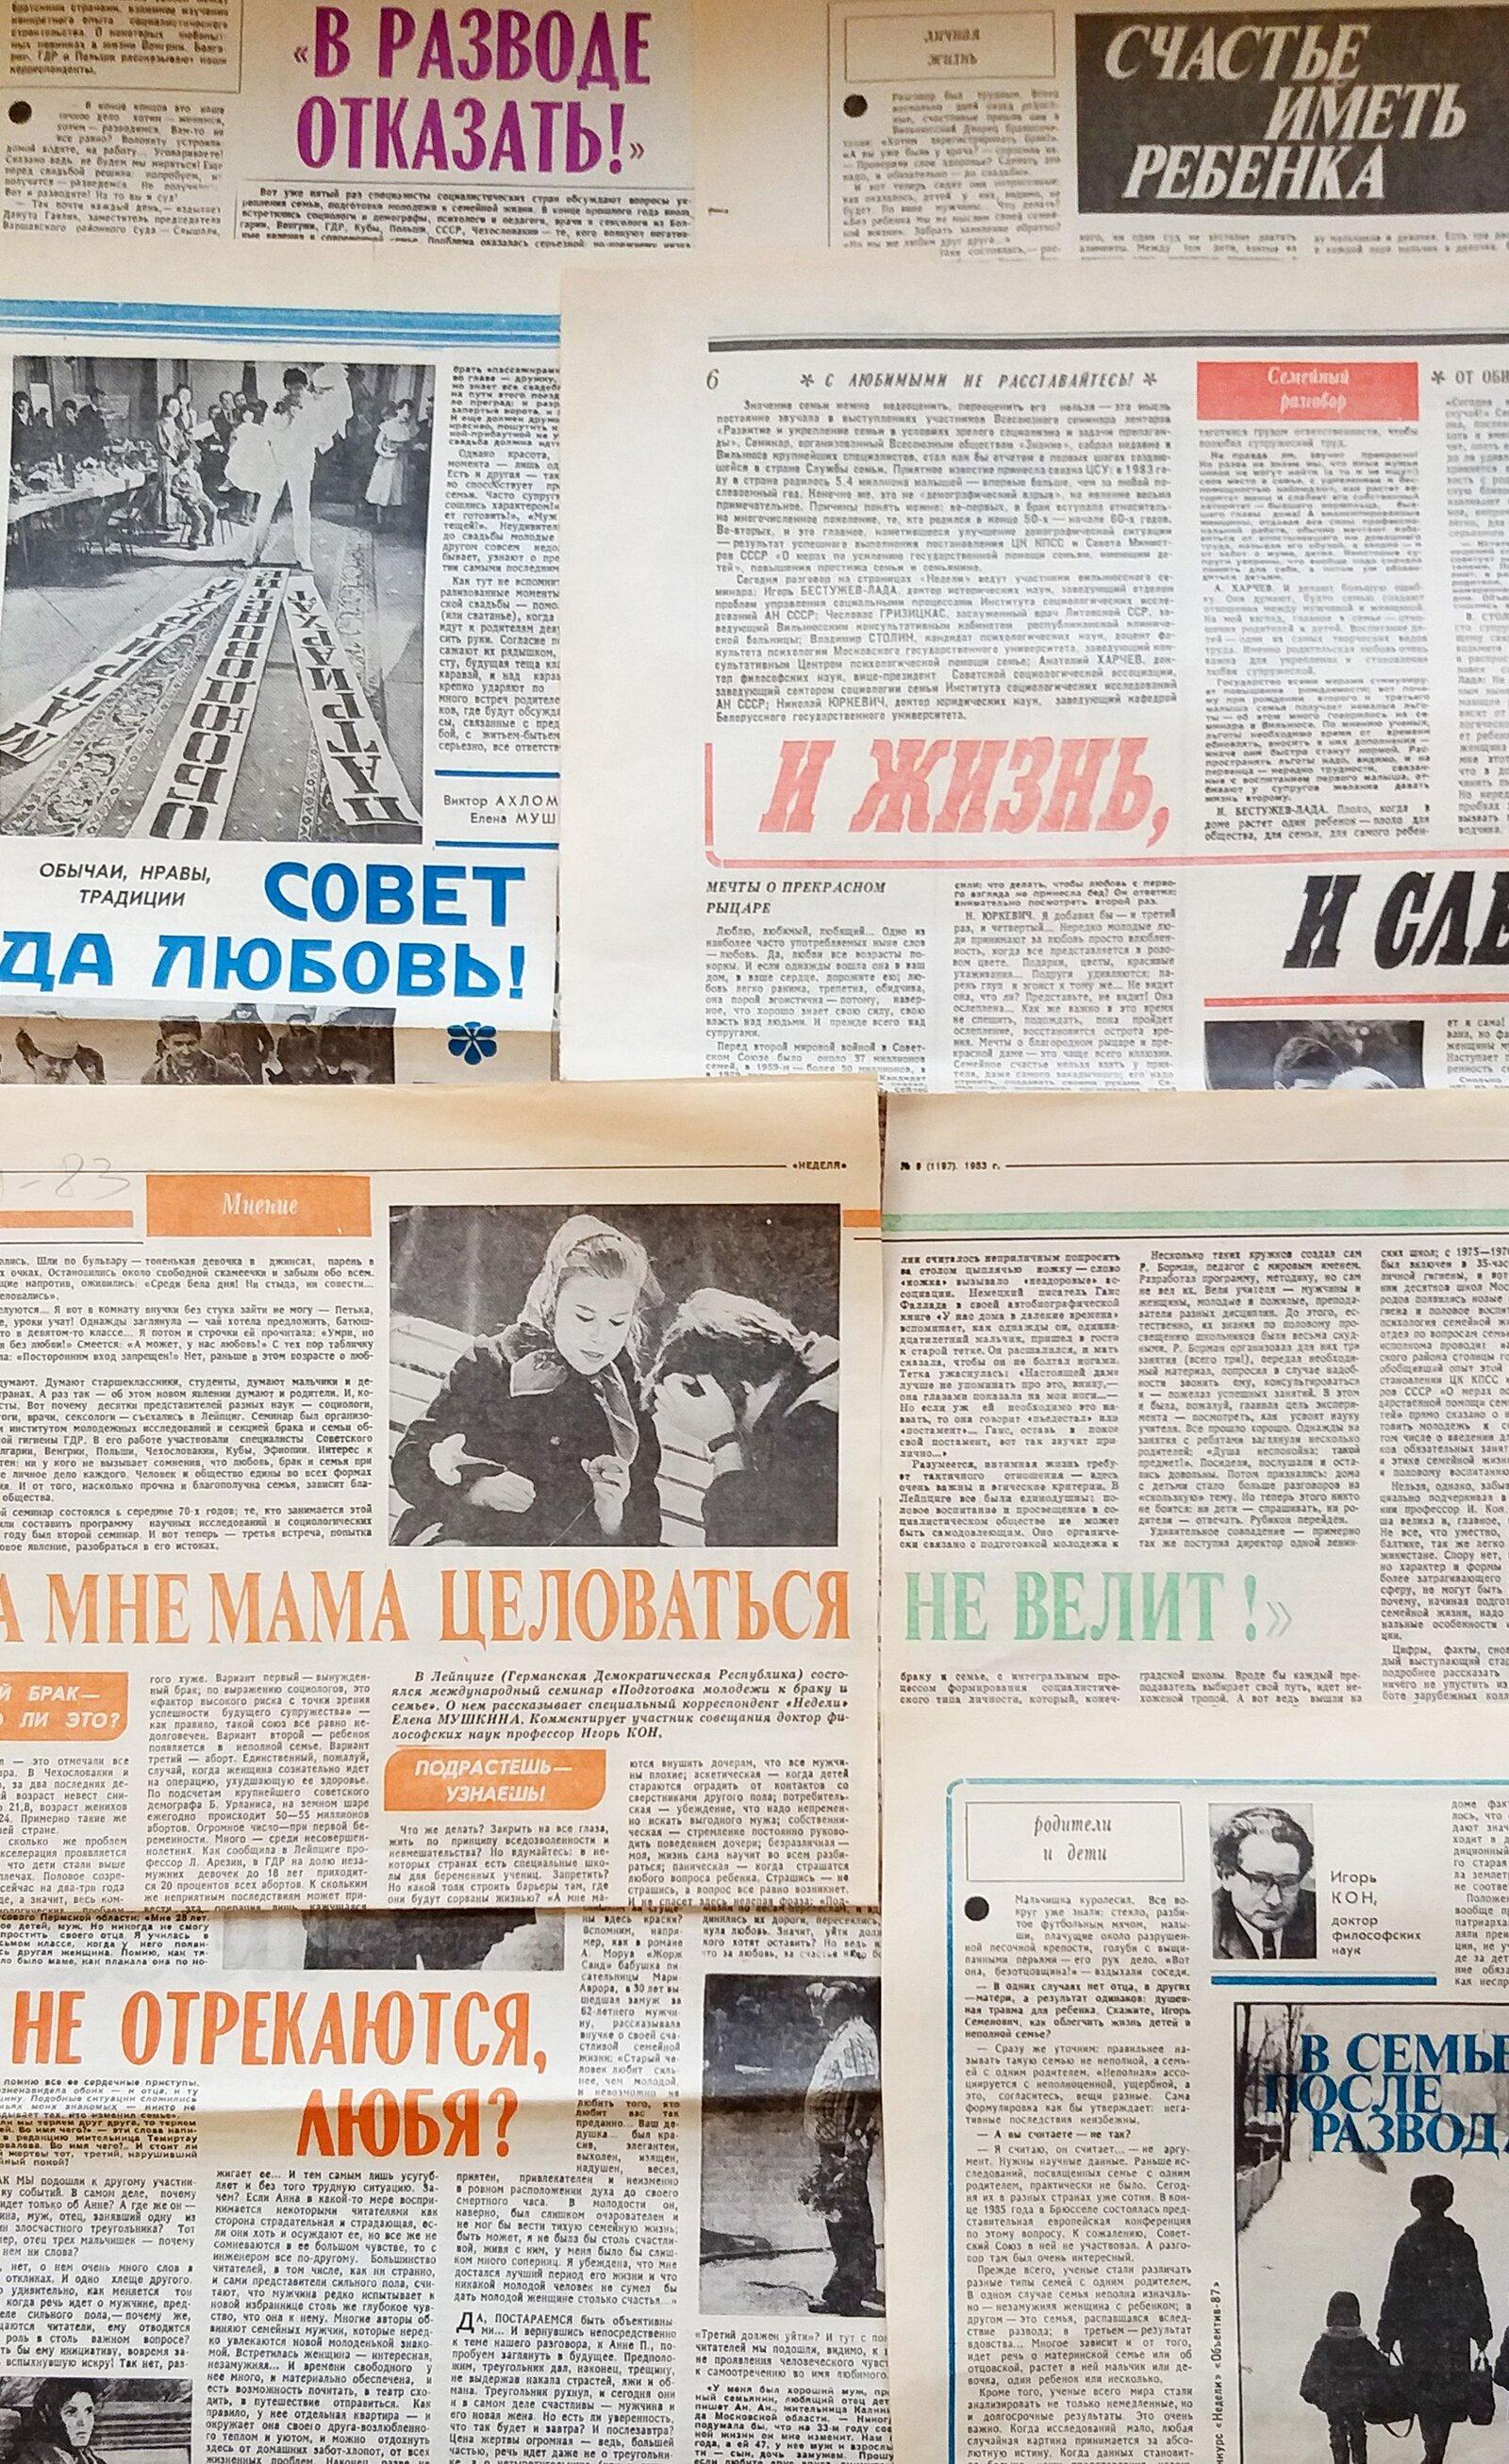 Статьи Е.Р. Мушкиной, опубликованные в газете «Неделя». 1970–1980 годы. Главархив Москвы